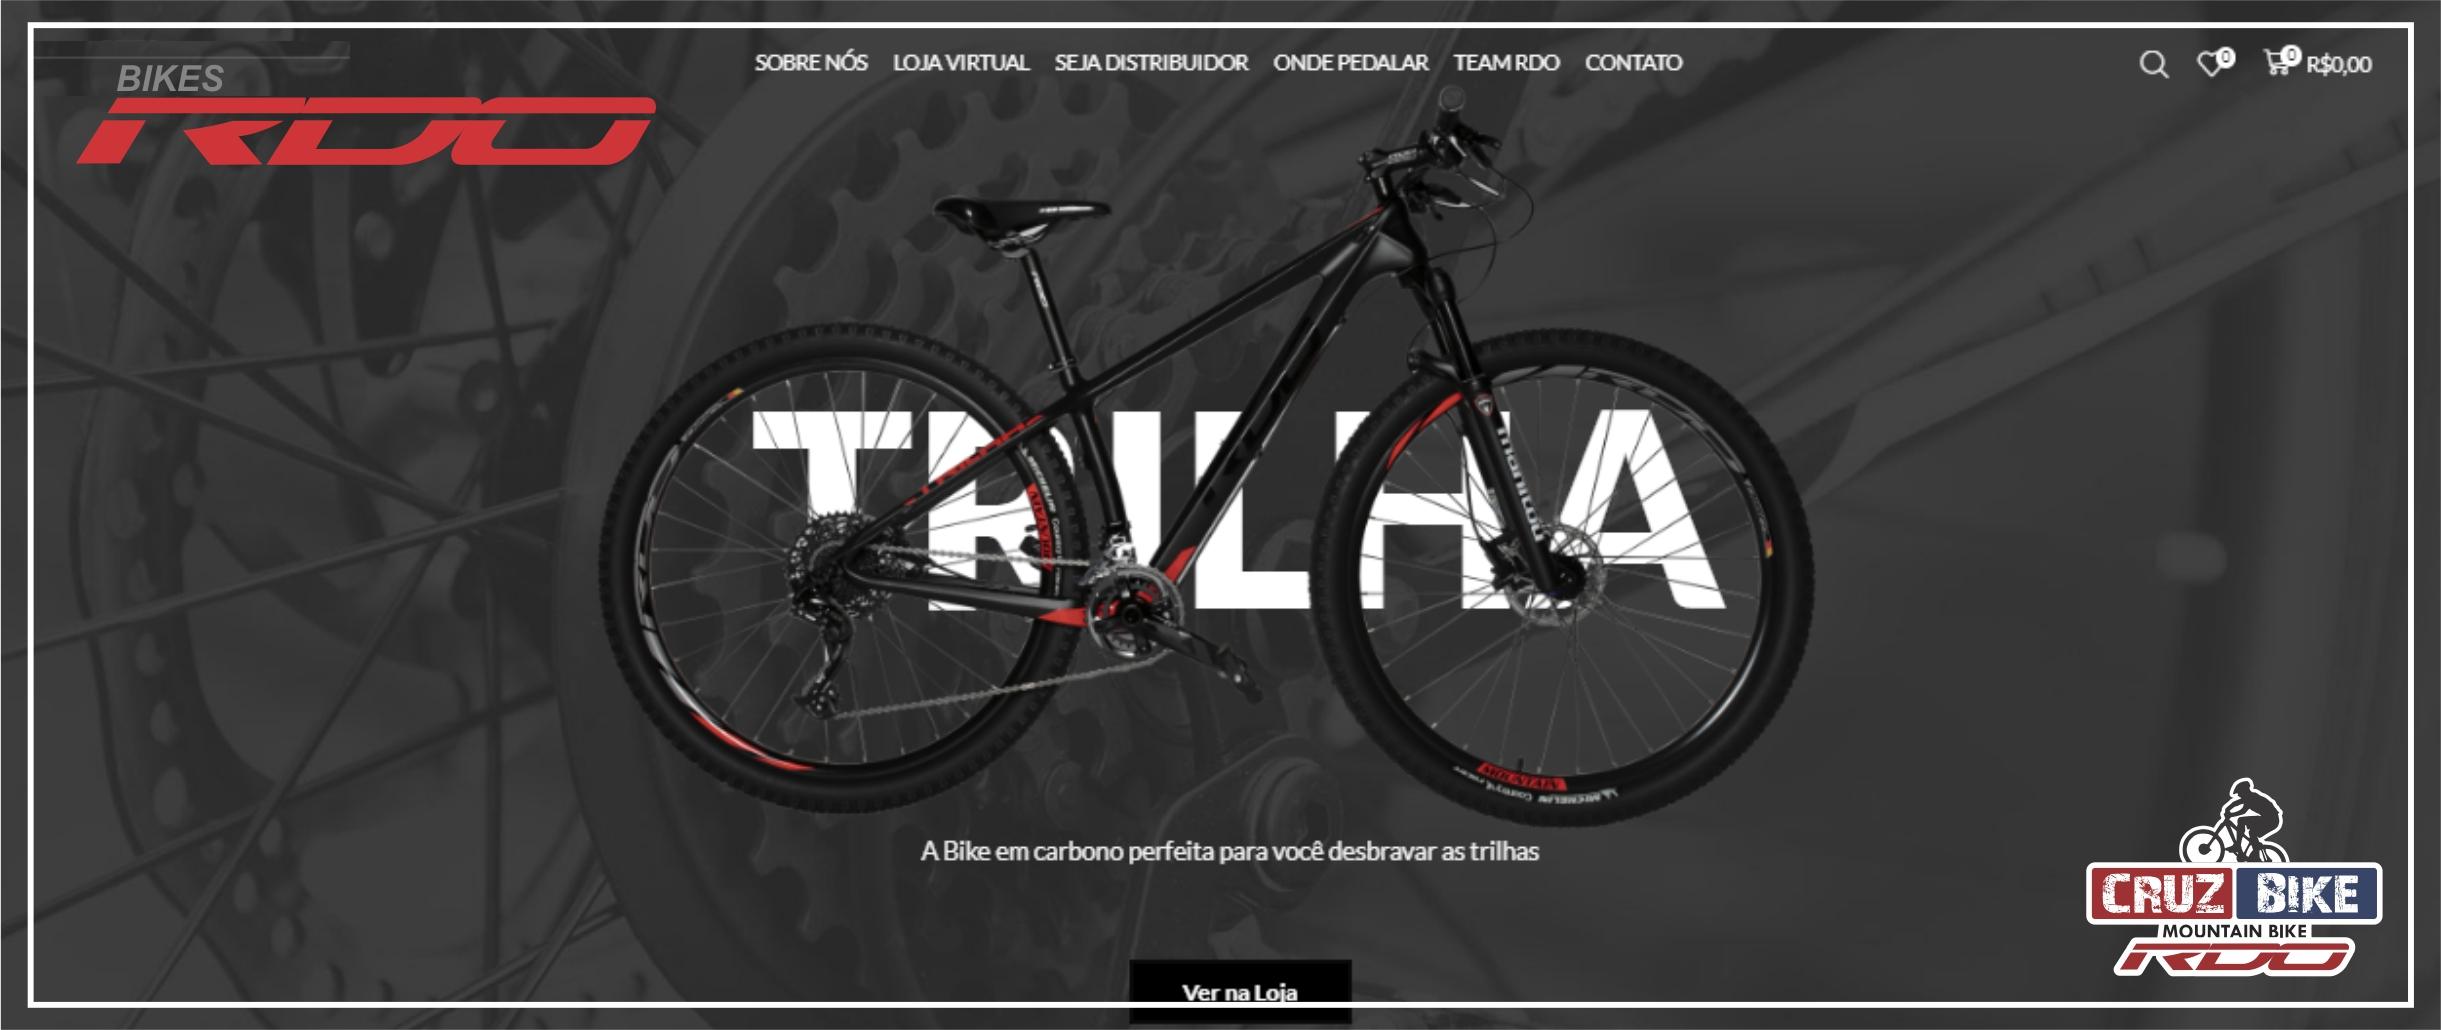 Visite o site das Bikes RDO